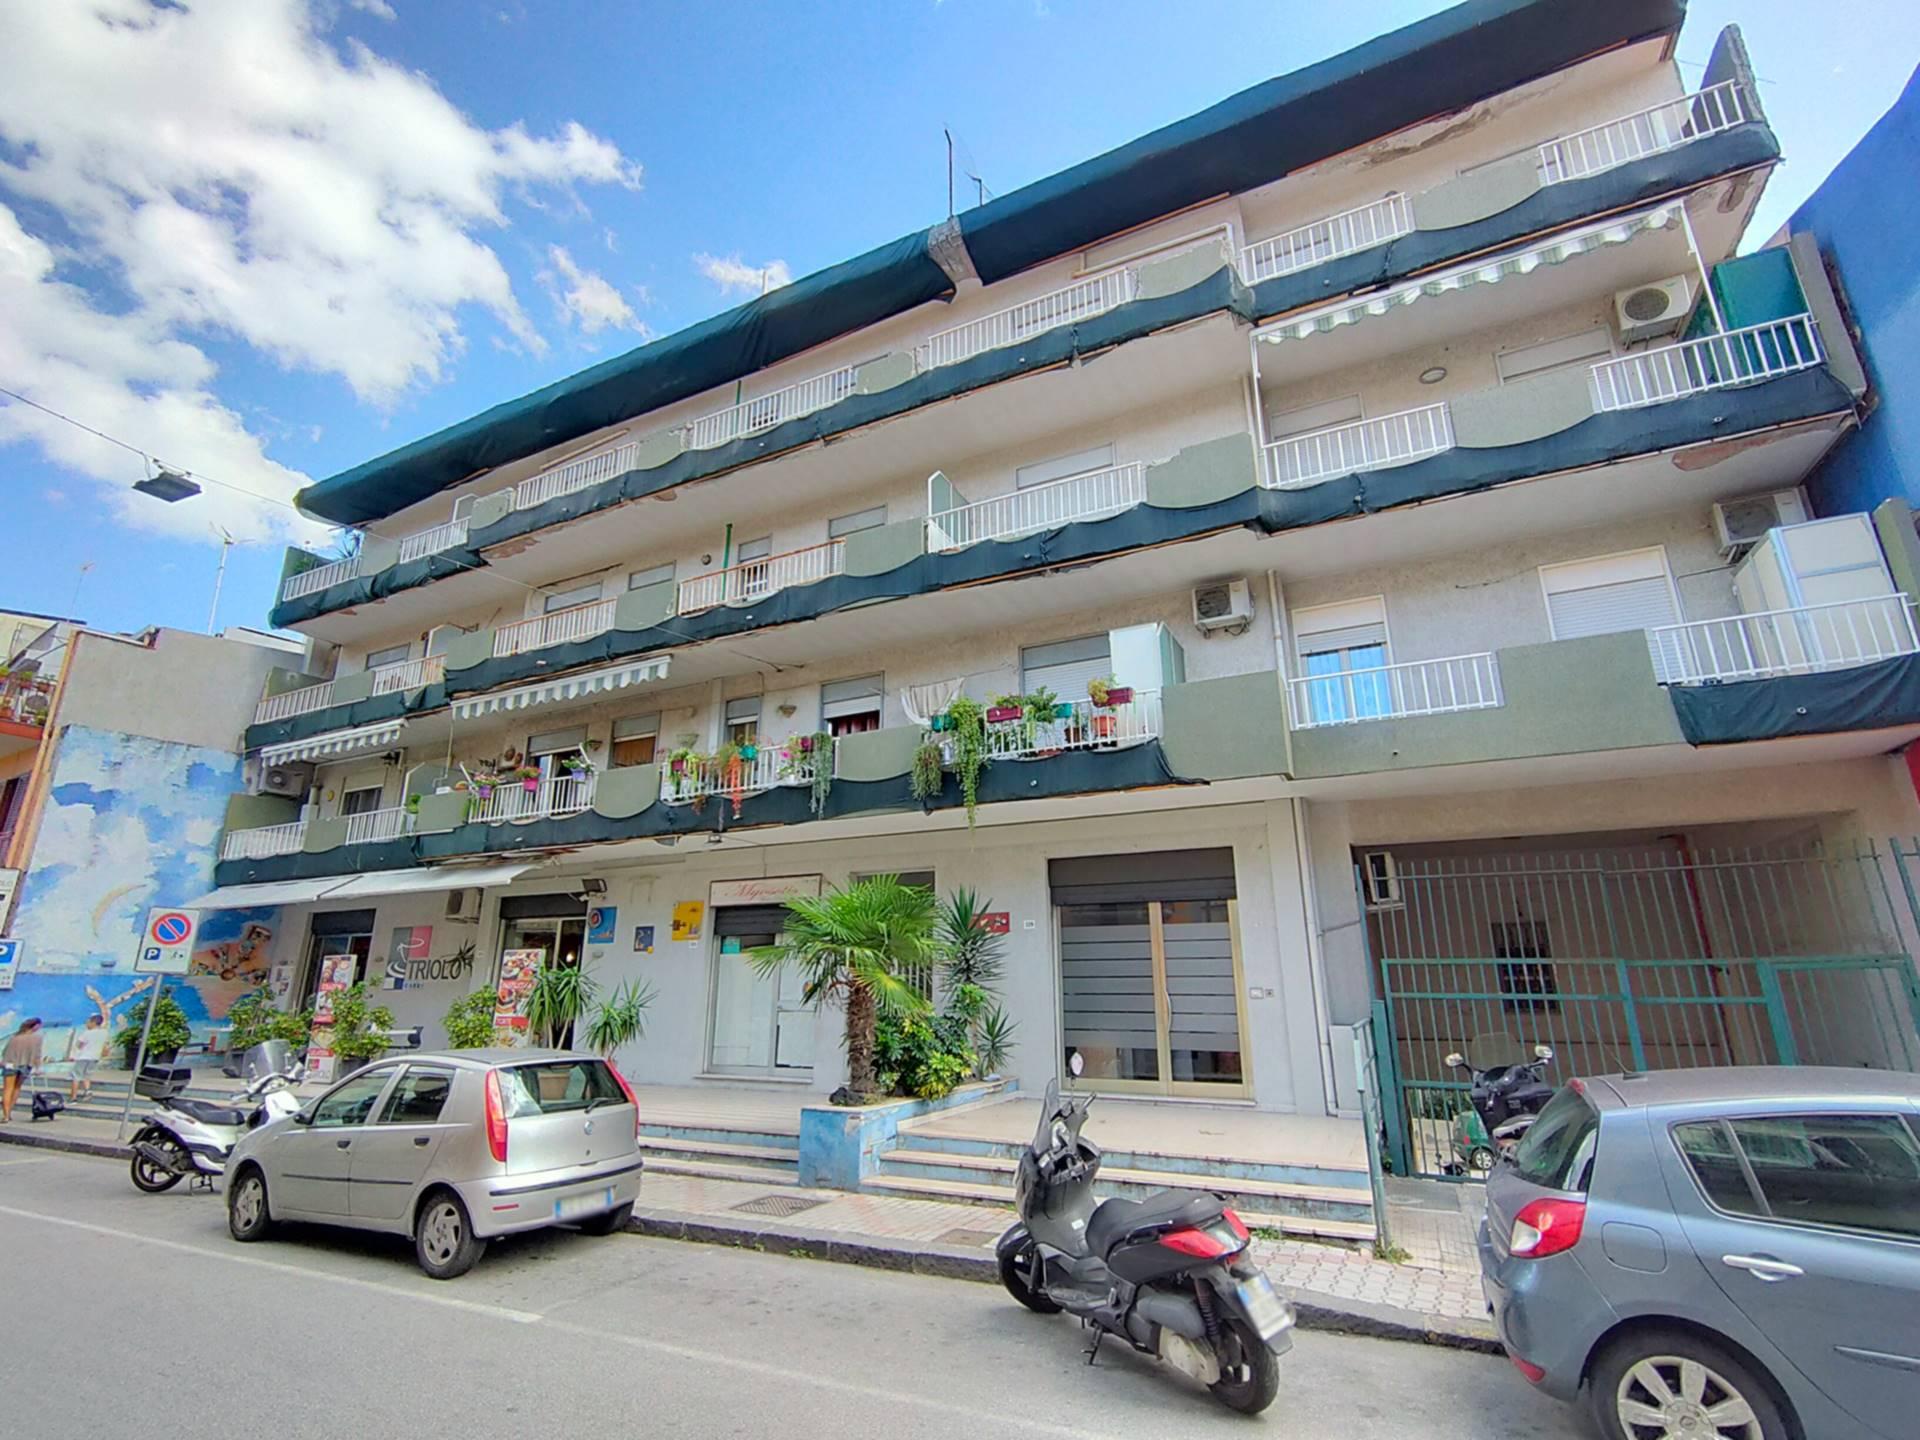 Appartamento in vendita a Alì Terme, 3 locali, prezzo € 115.000 | CambioCasa.it